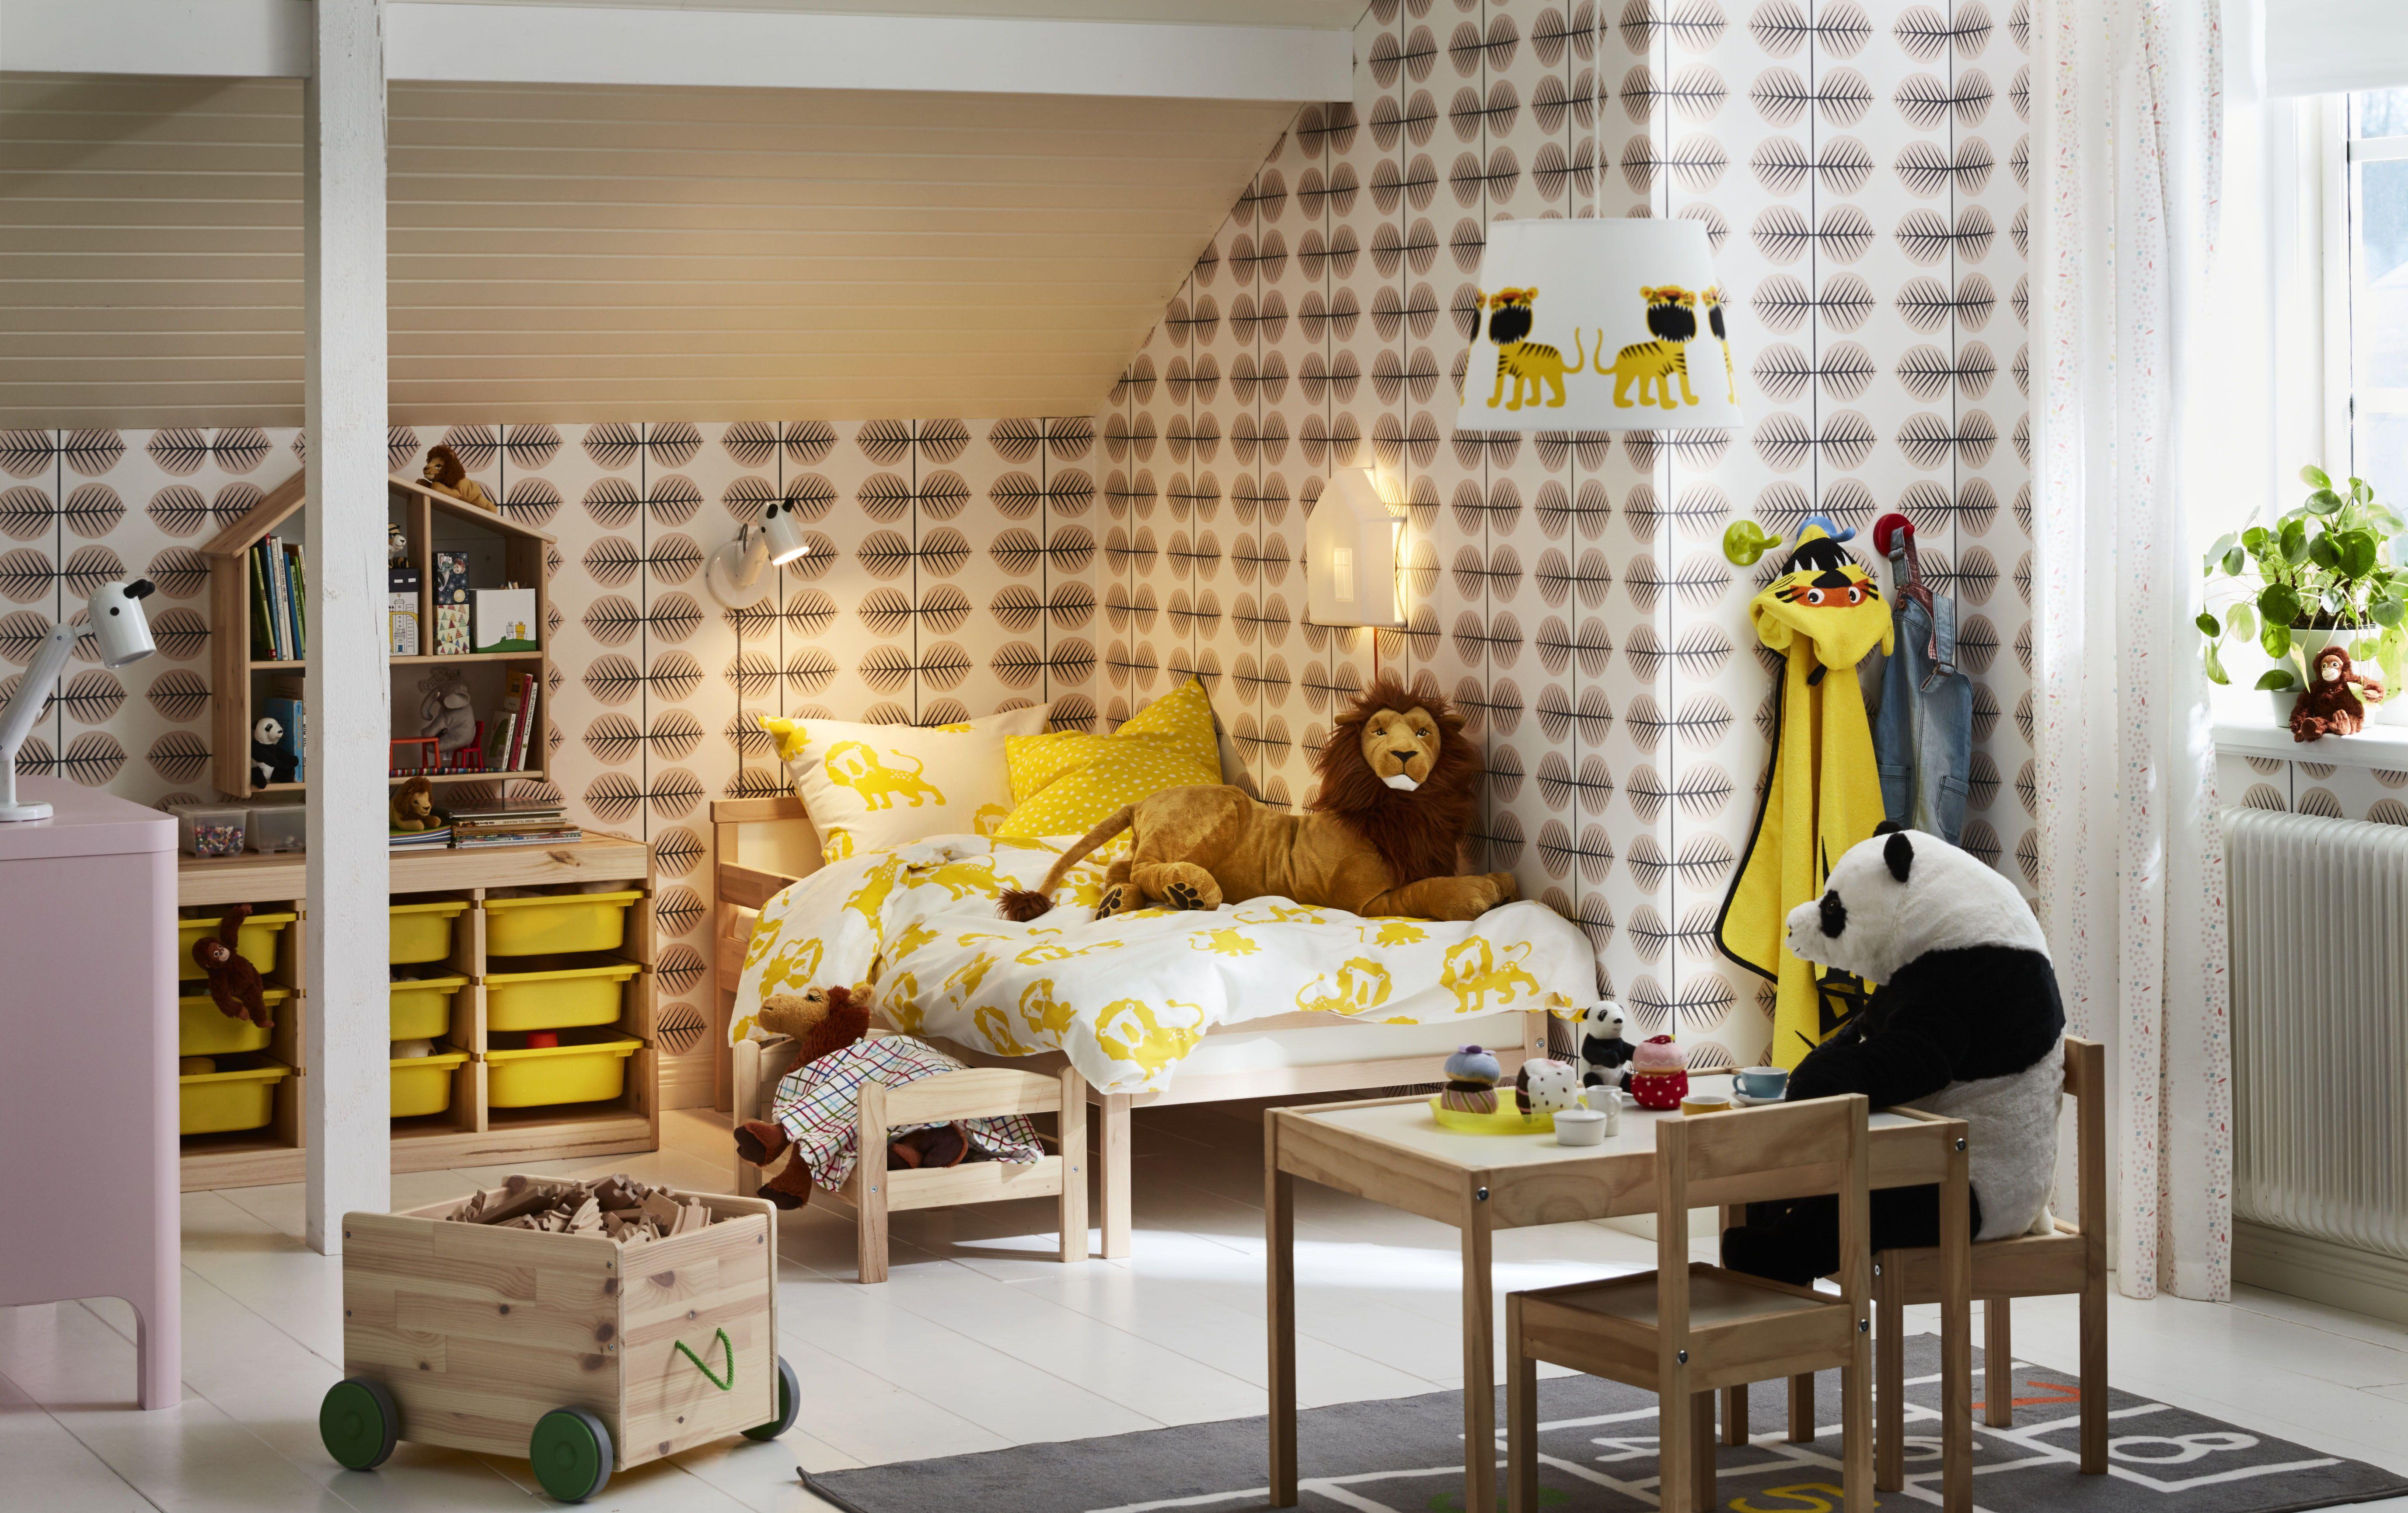 Briljant Lampje Kinderkamer : Djungelskog dekbedovertrek ikea ikeanl ikeanederland inspiratie